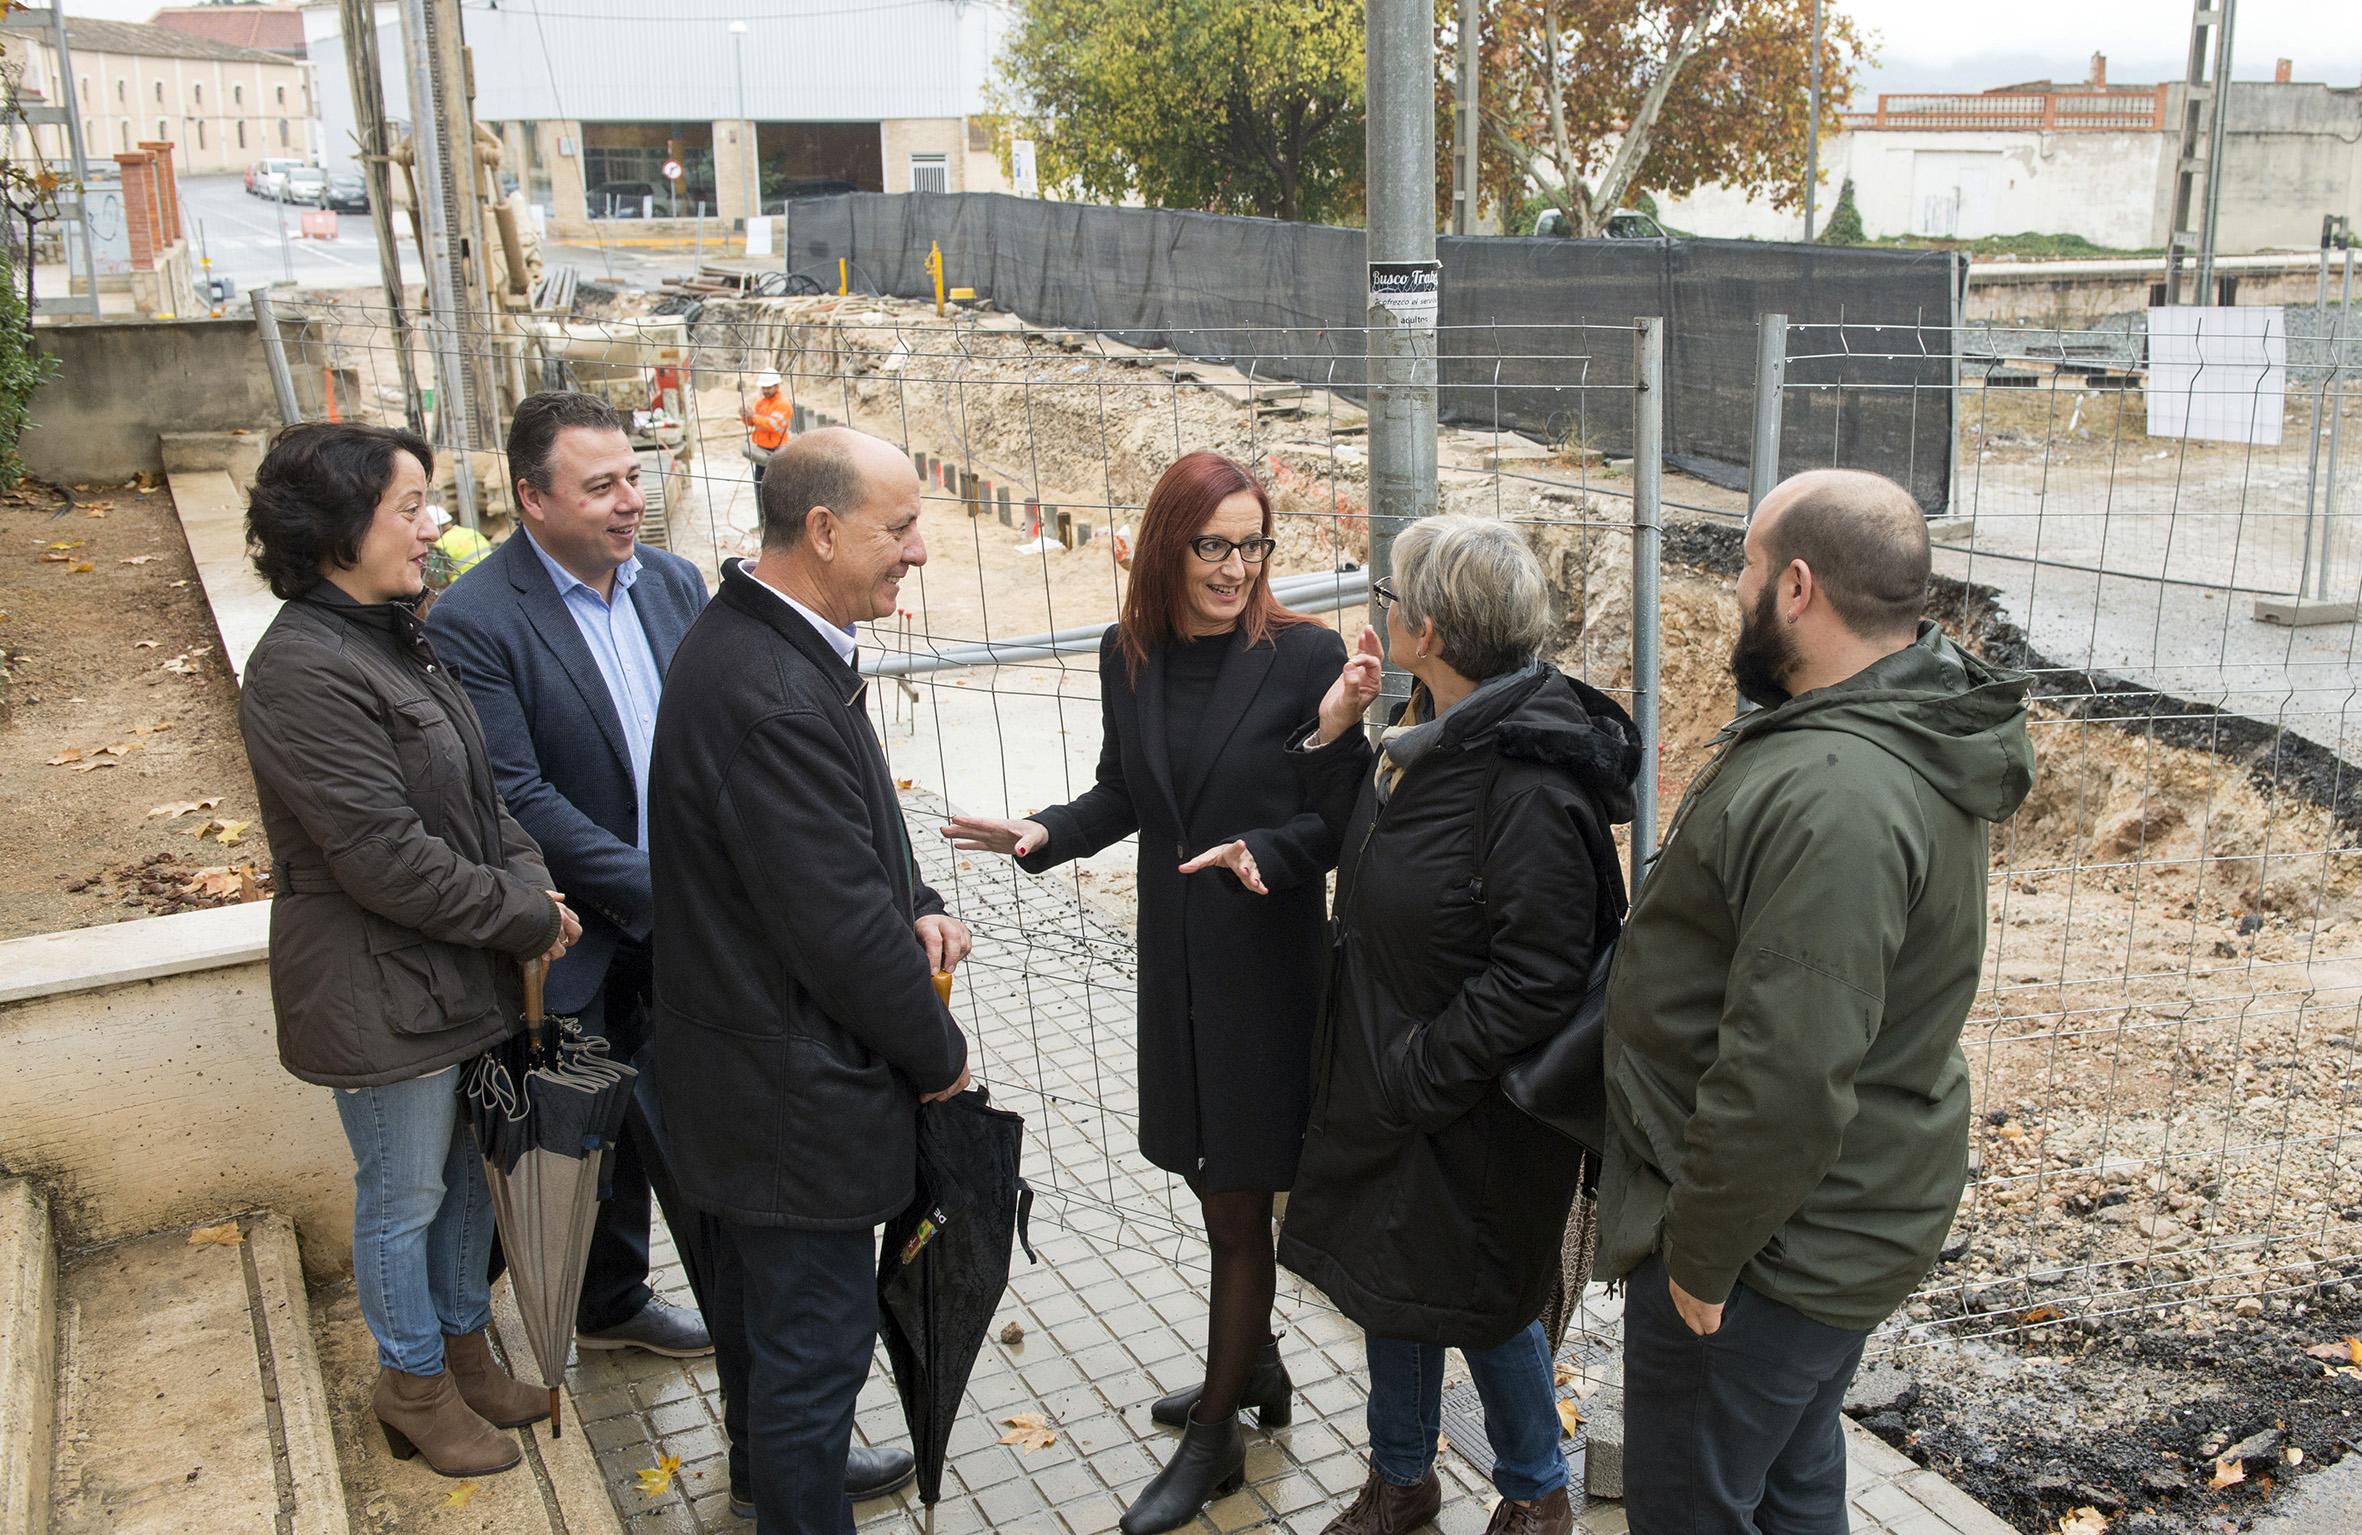 Durant la seua estada en l'Alcúdia de Crespins, la vicepresidenta ha tingut ocasió de conèixer diferents projectes de futur per al municipi.